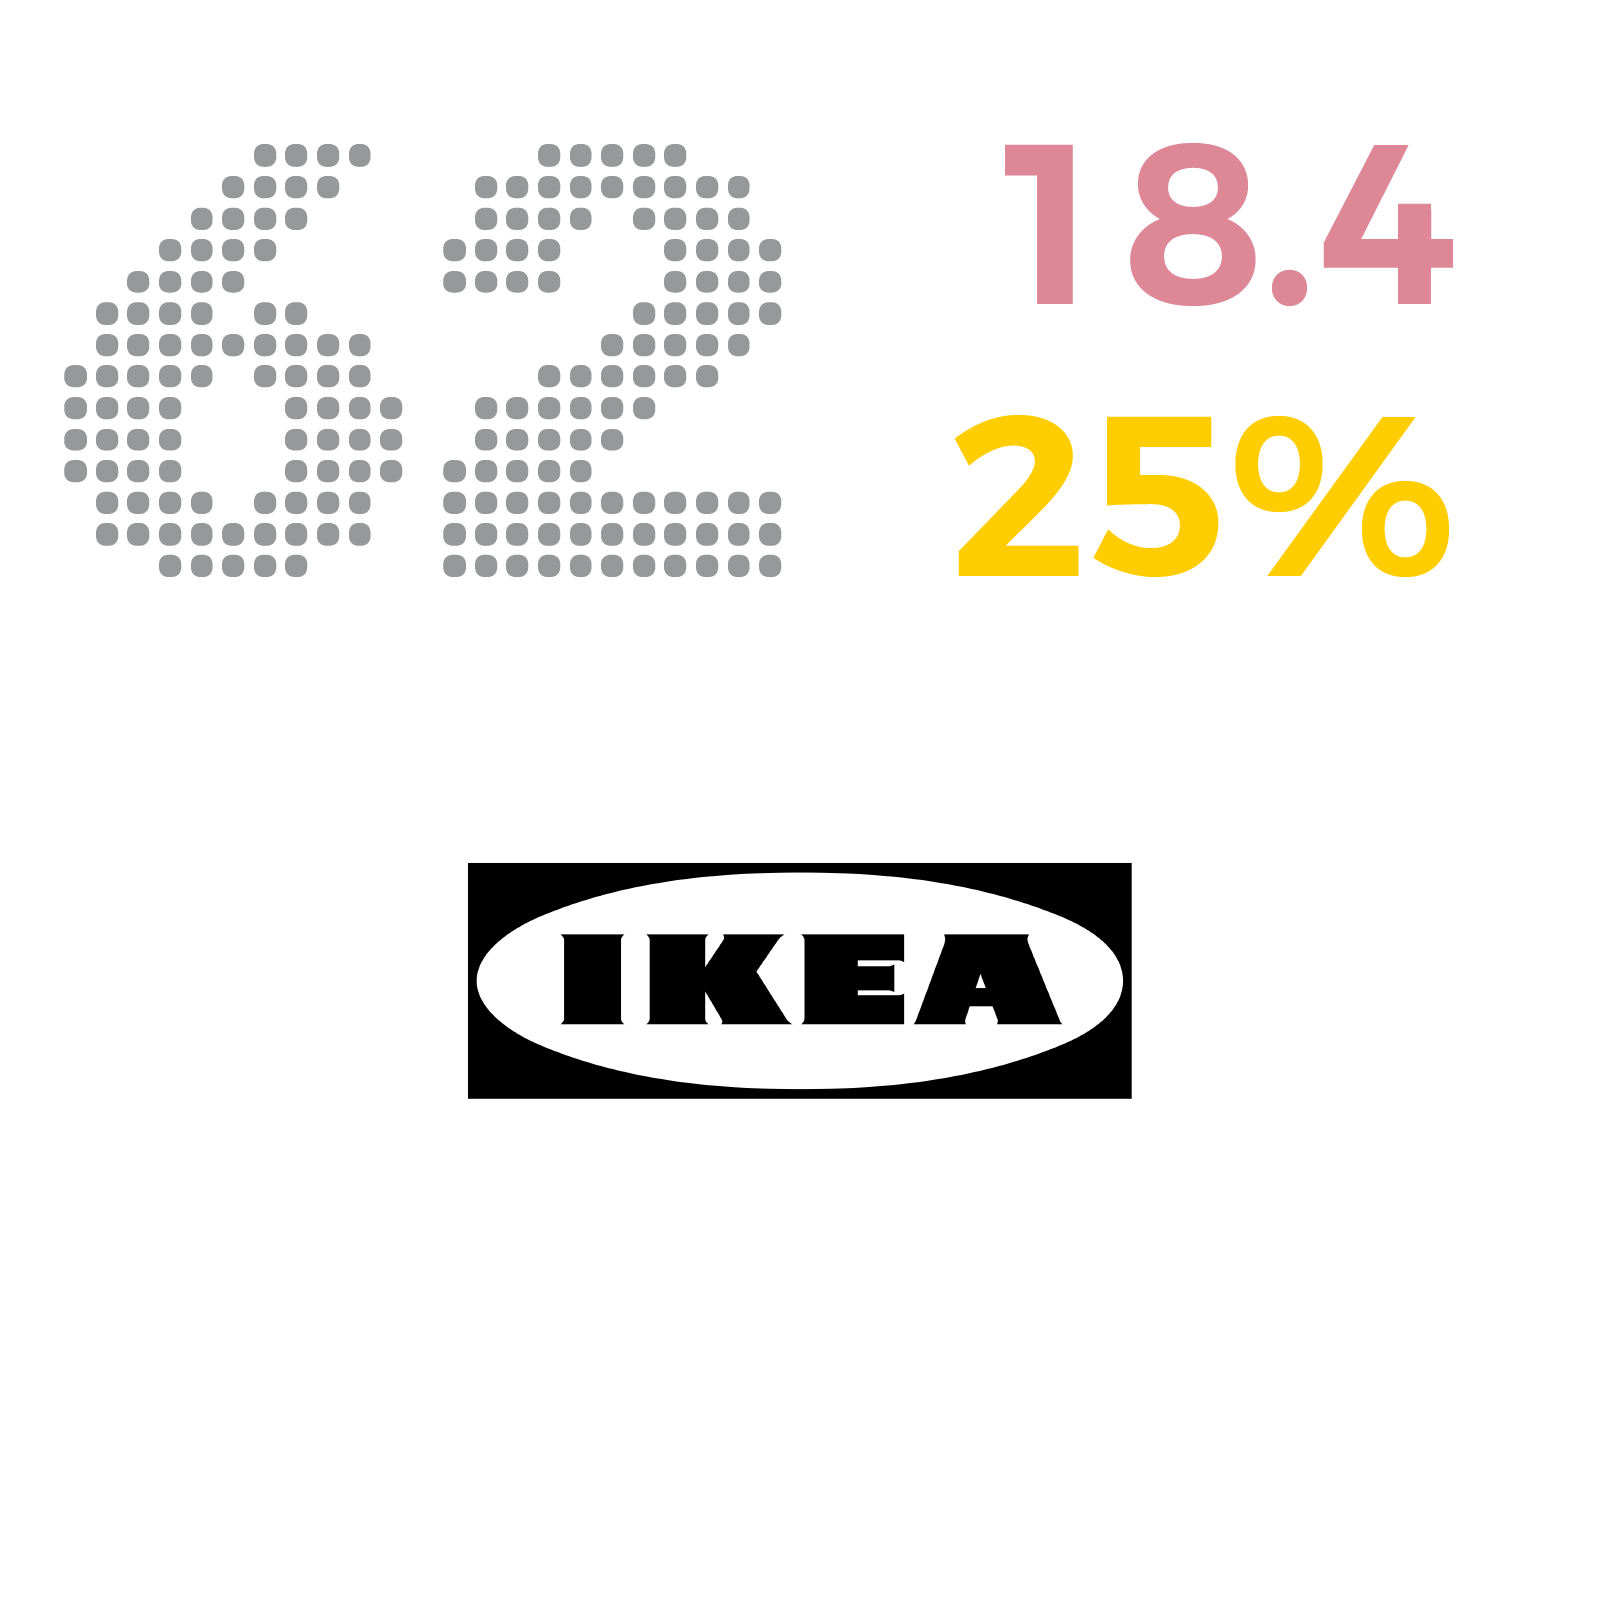 62_IKEA.png